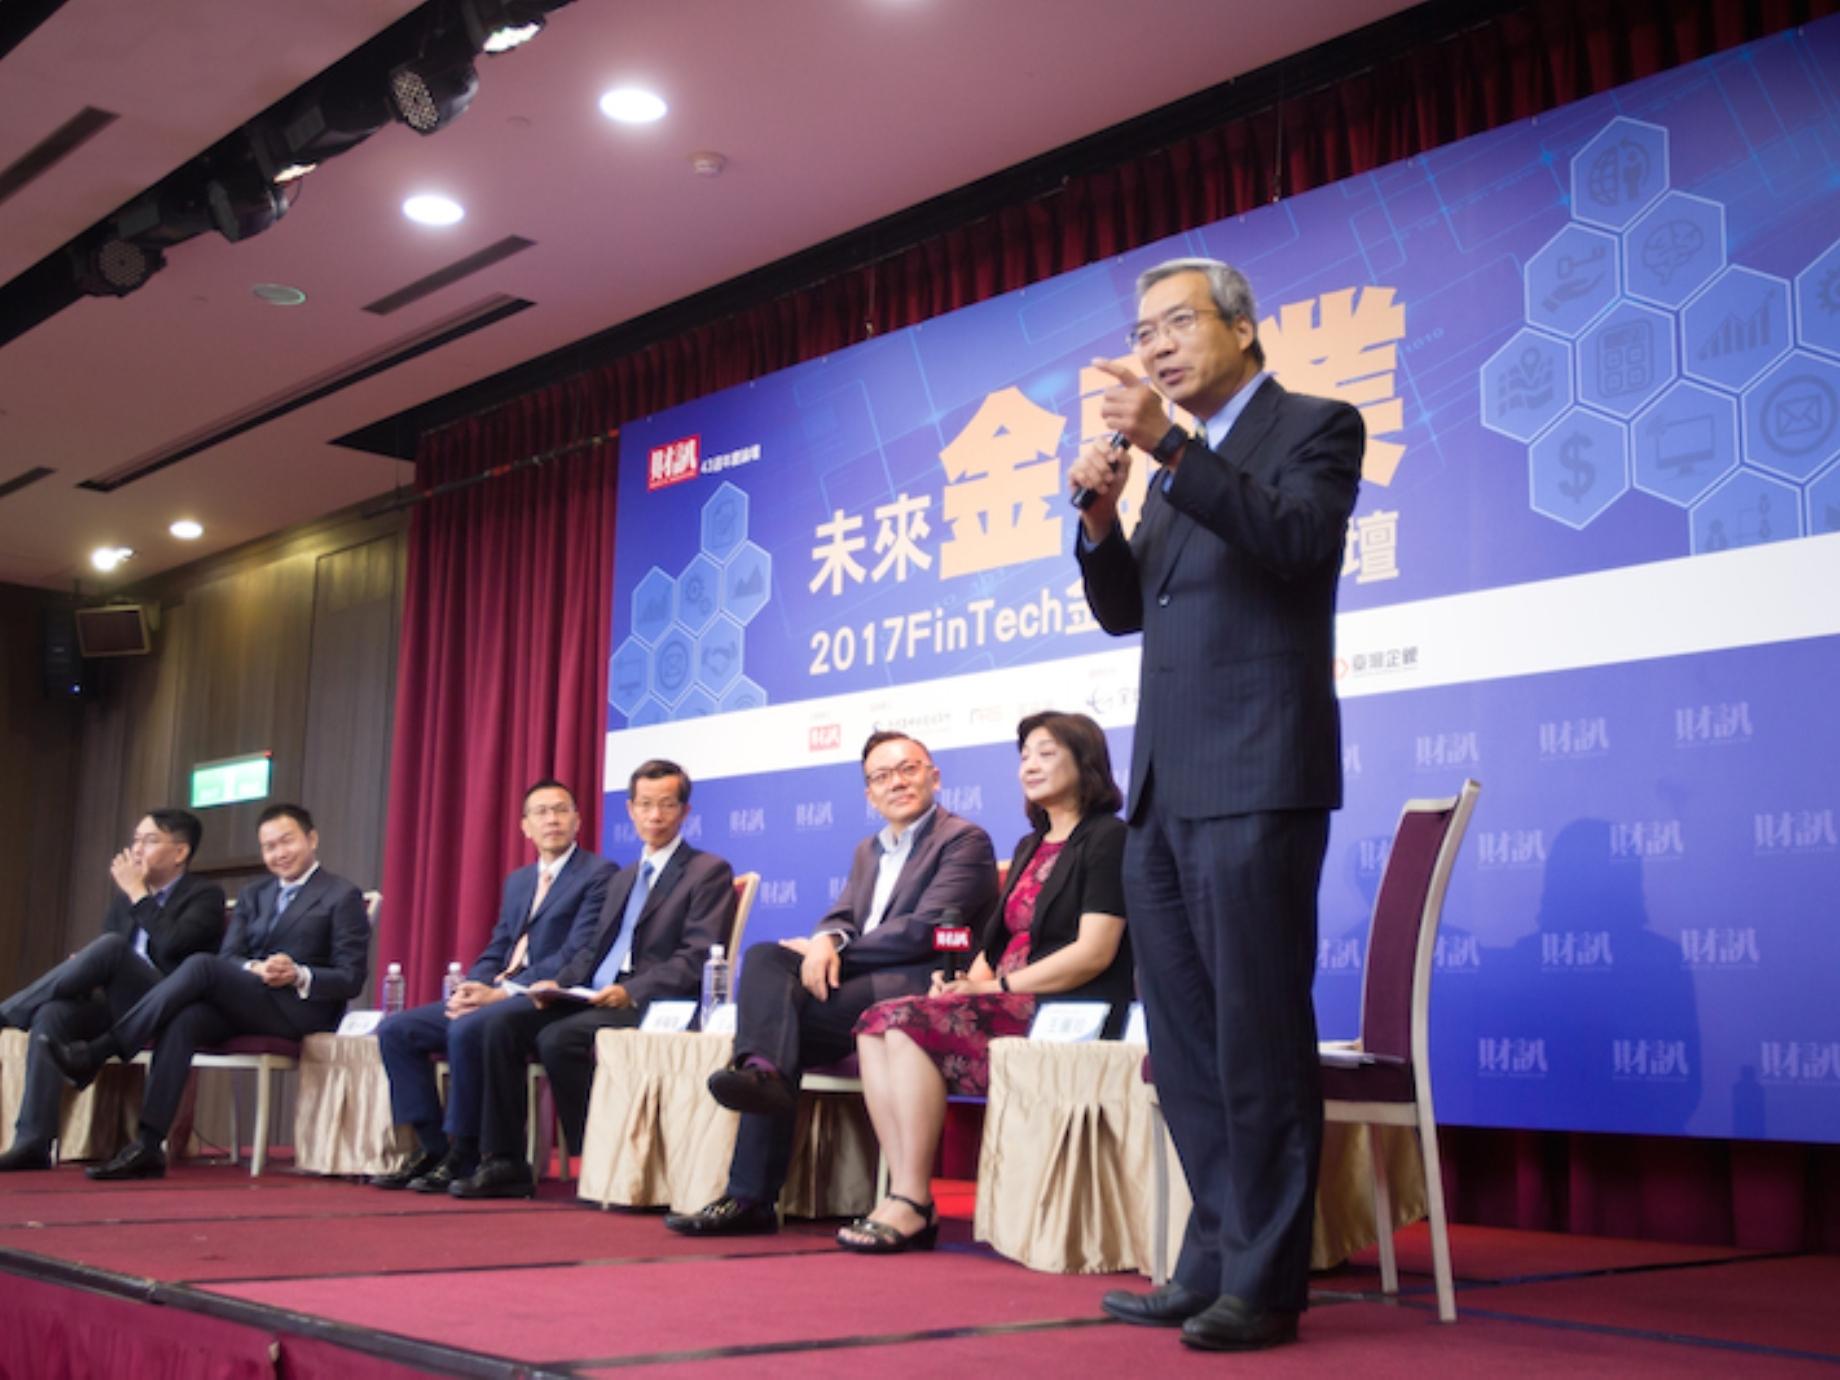 缺少市場整合英雄!台灣發展無現金社會,金管會應鬆綁管制